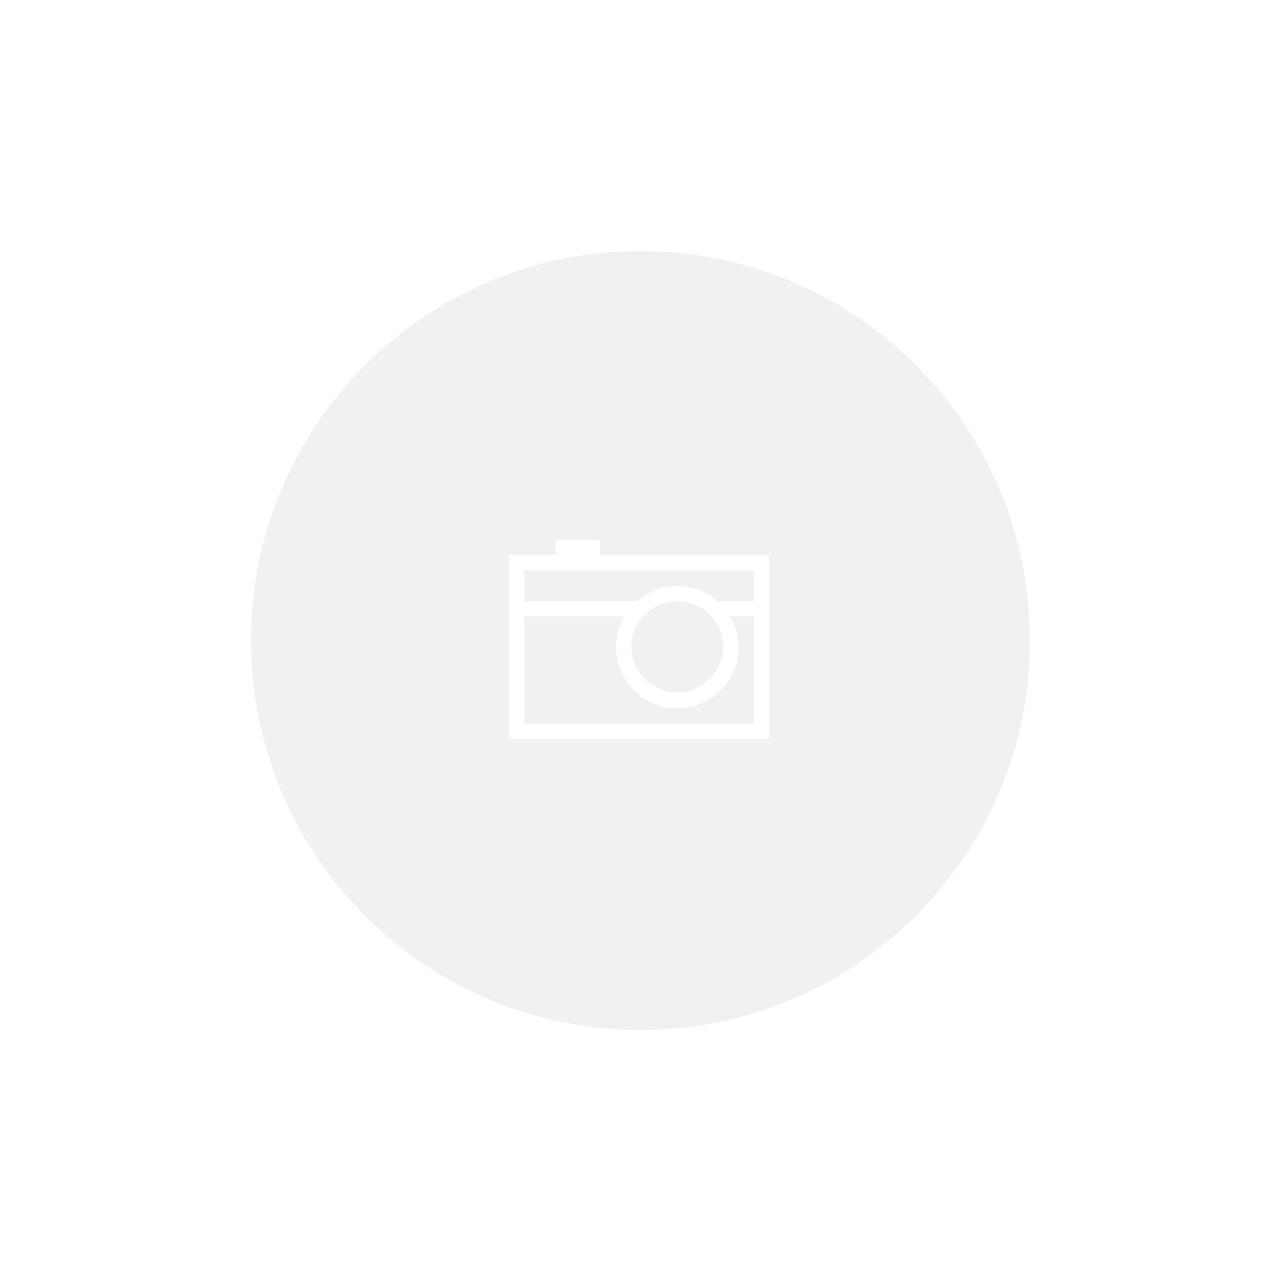 Fonte Corsair 650W 80 Plus Gold Semi Modular TX650M CP-9020132-WW